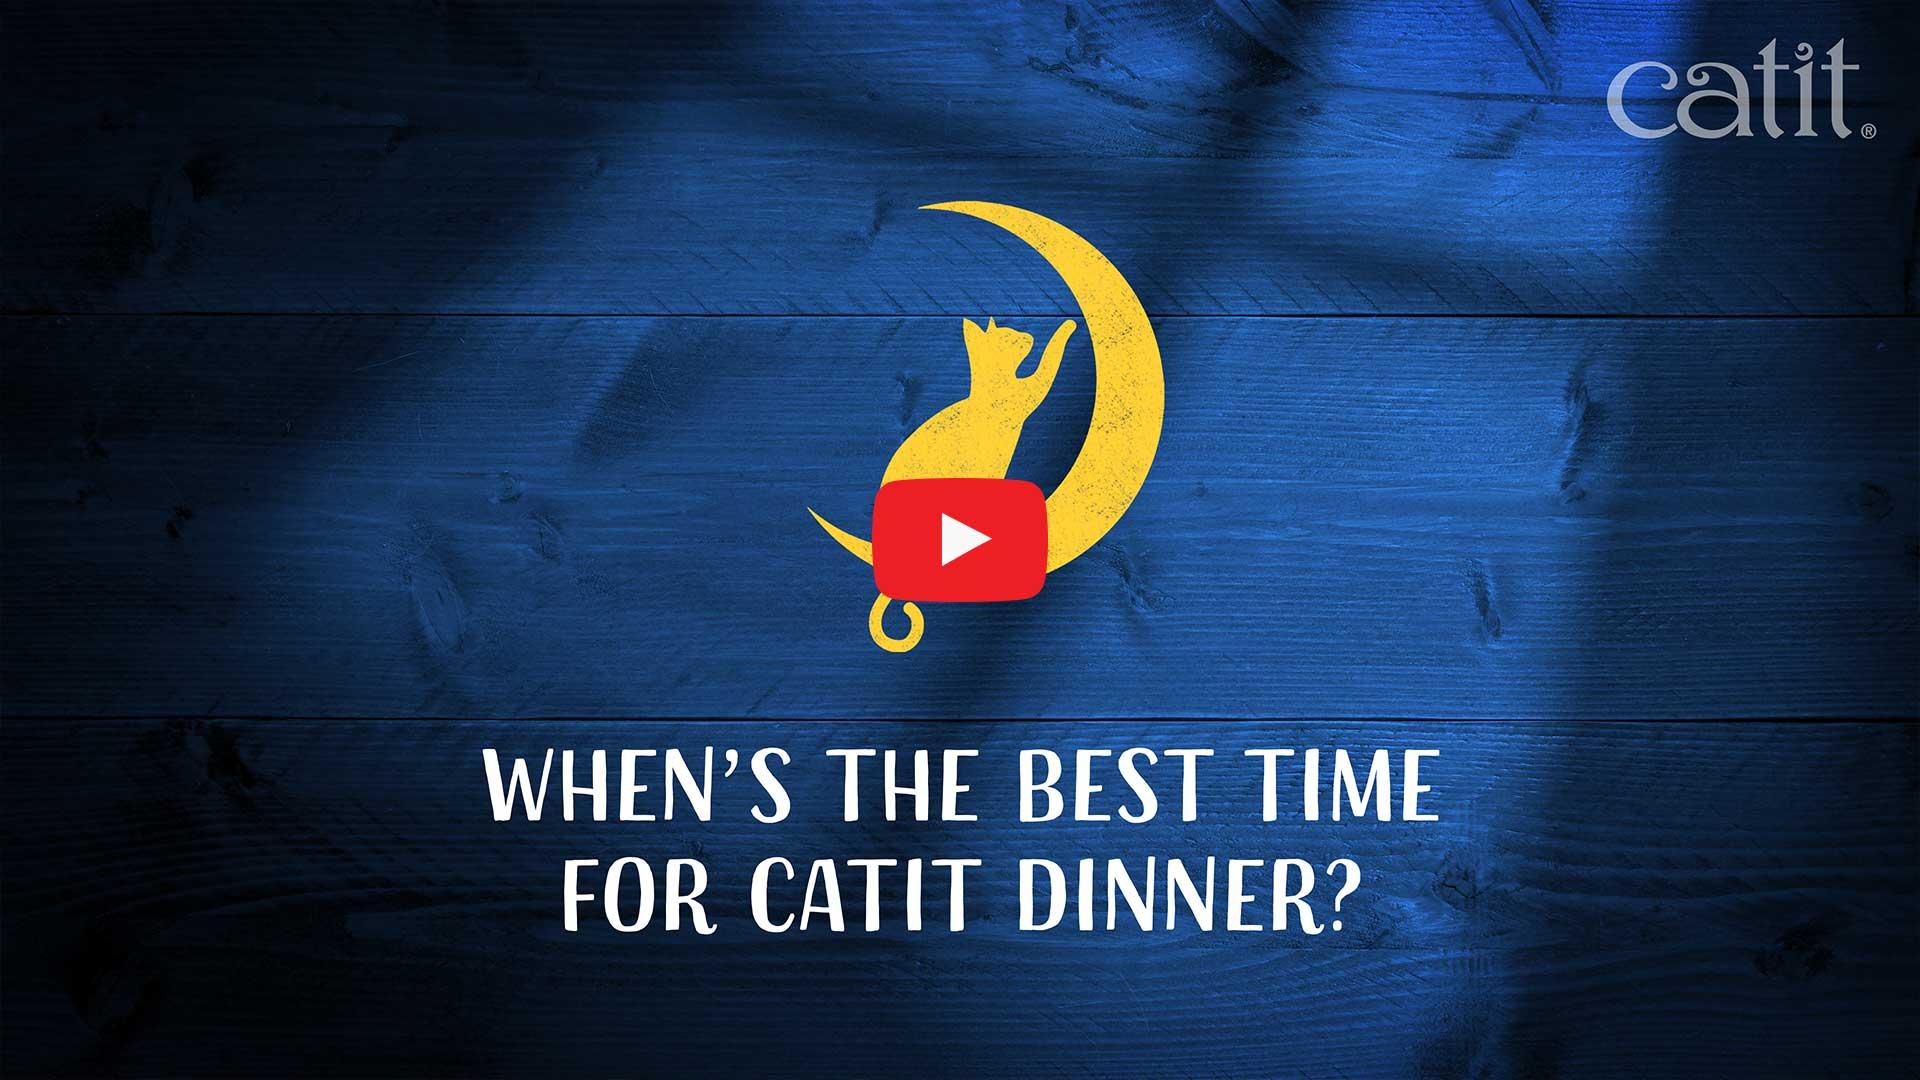 Catit Dinner Thumbnail